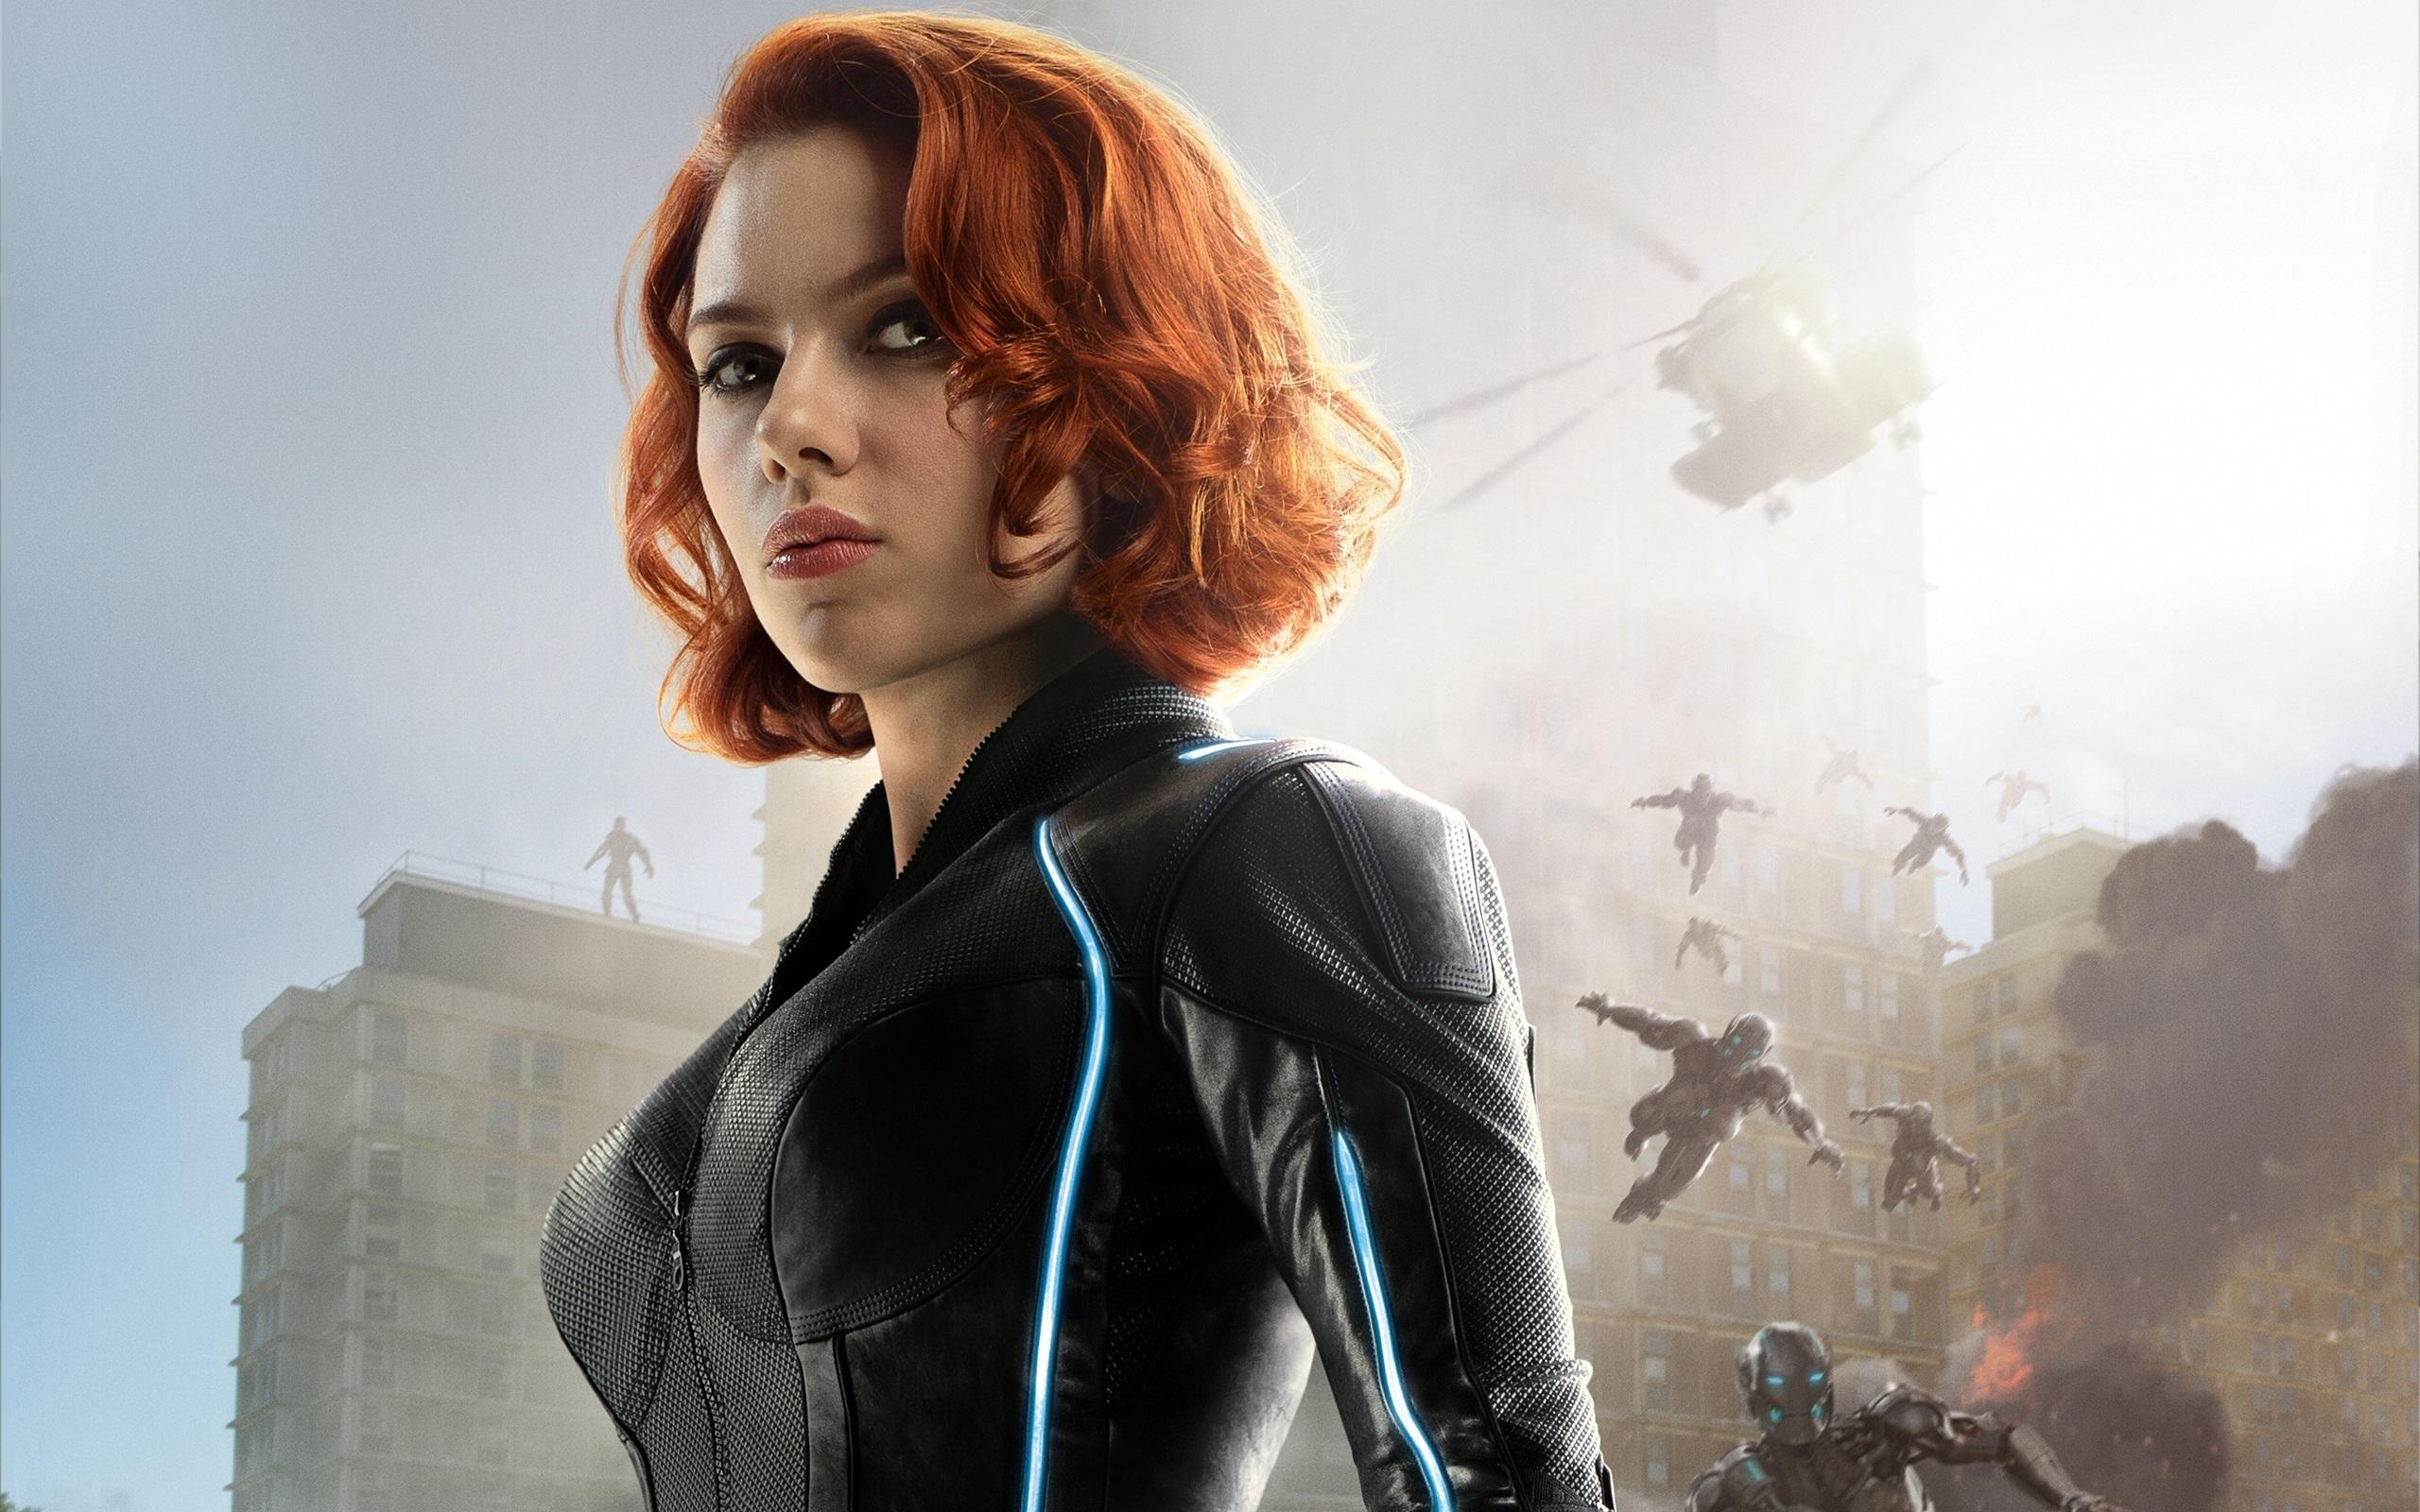 Wallpaper Scarlett Johansson Avengers Age Of Ultron 2560x1600 HD